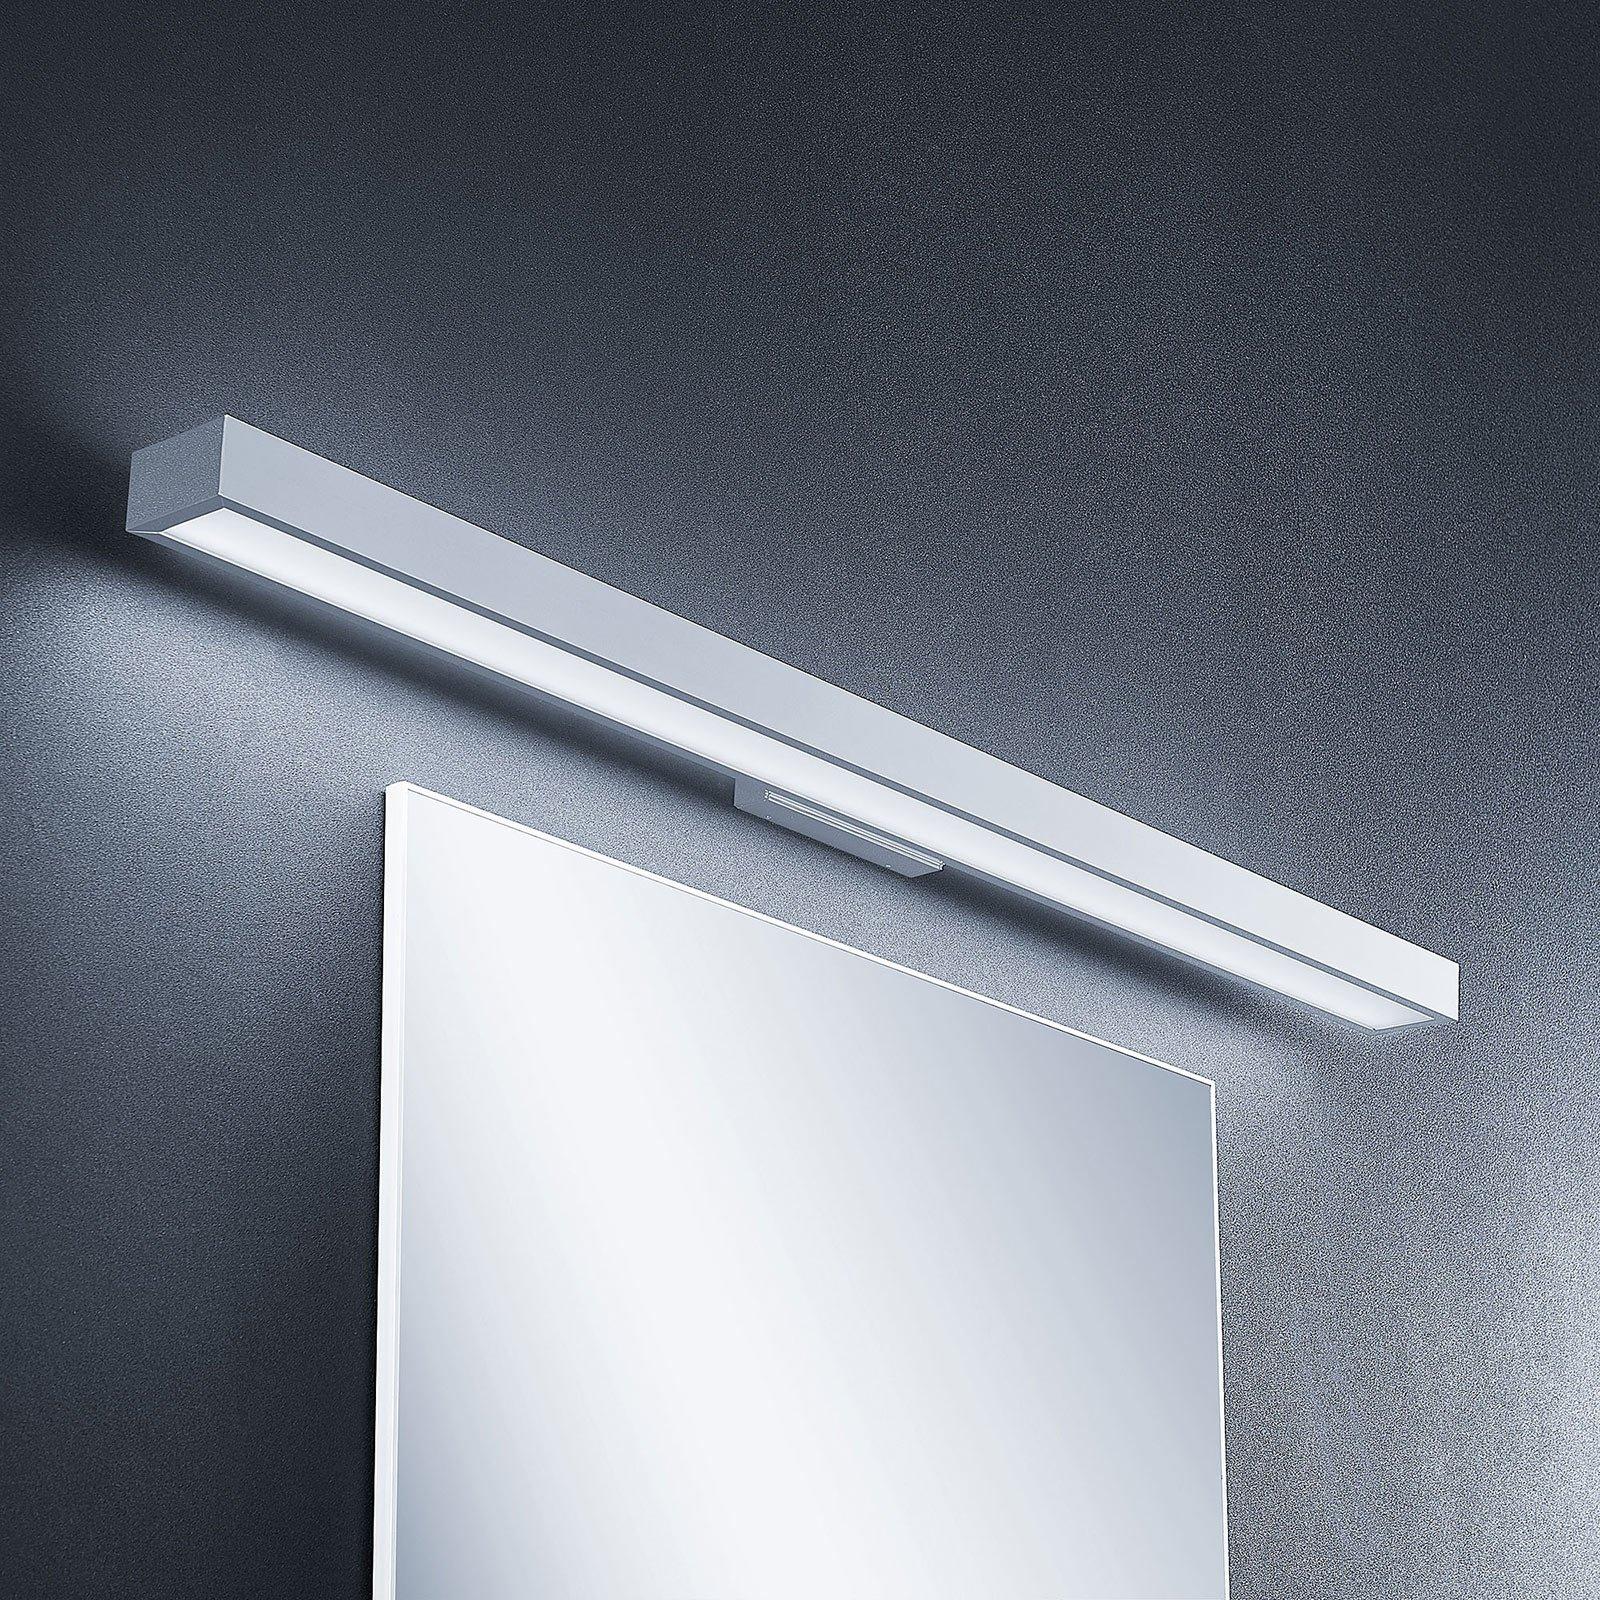 Lindby Janus LED-speillampe til bad 120 cm